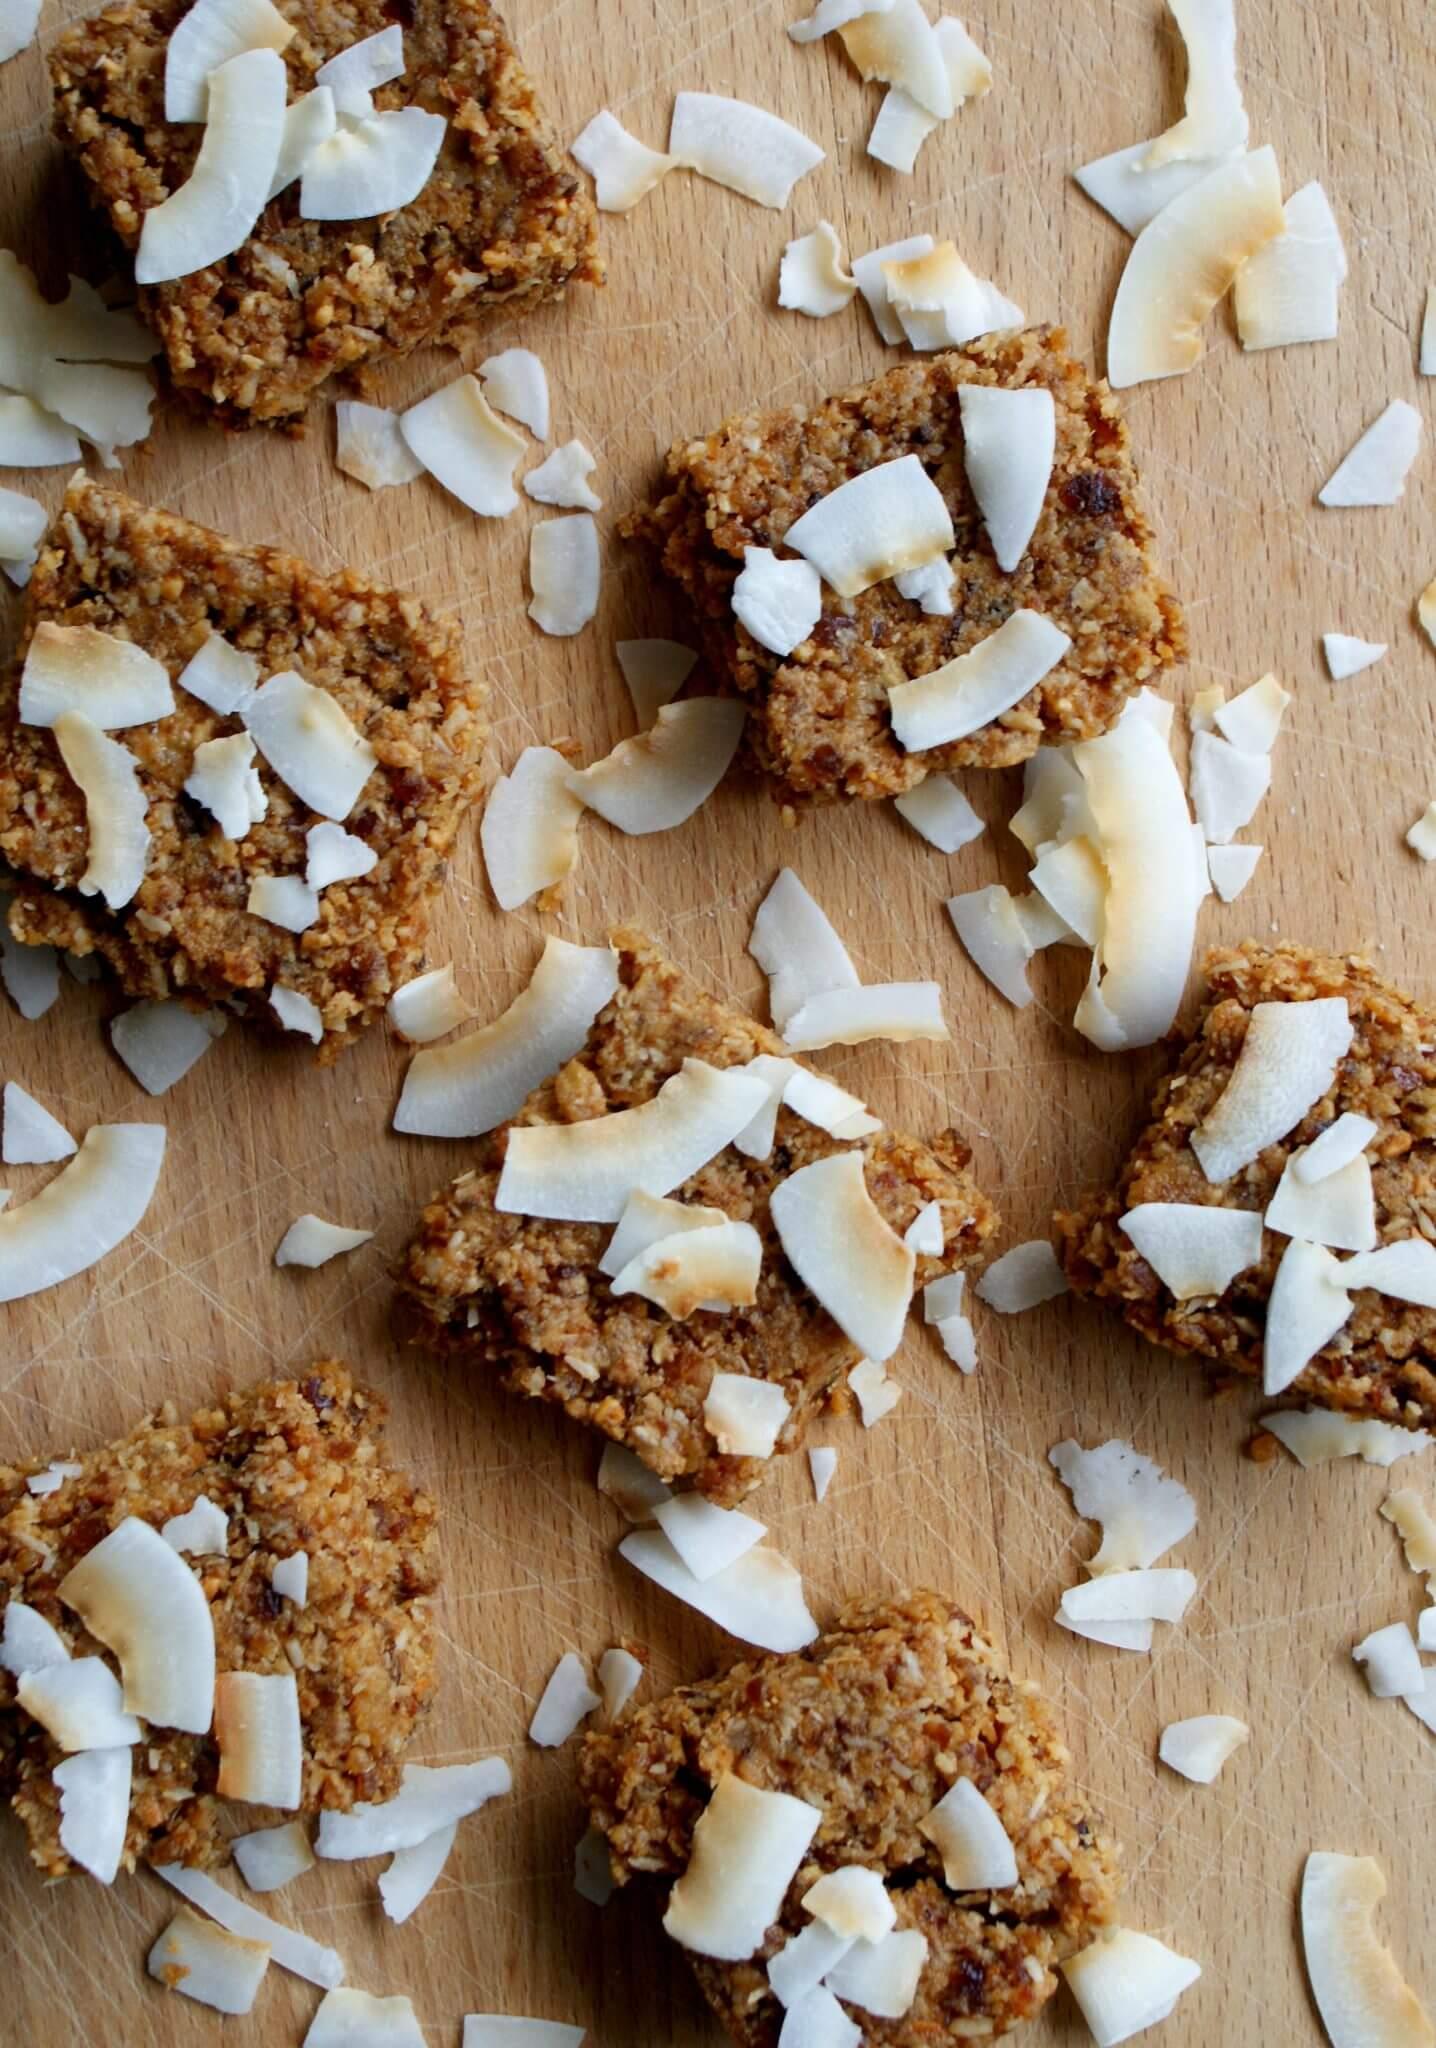 gezonde snack met pindakaas en kokos